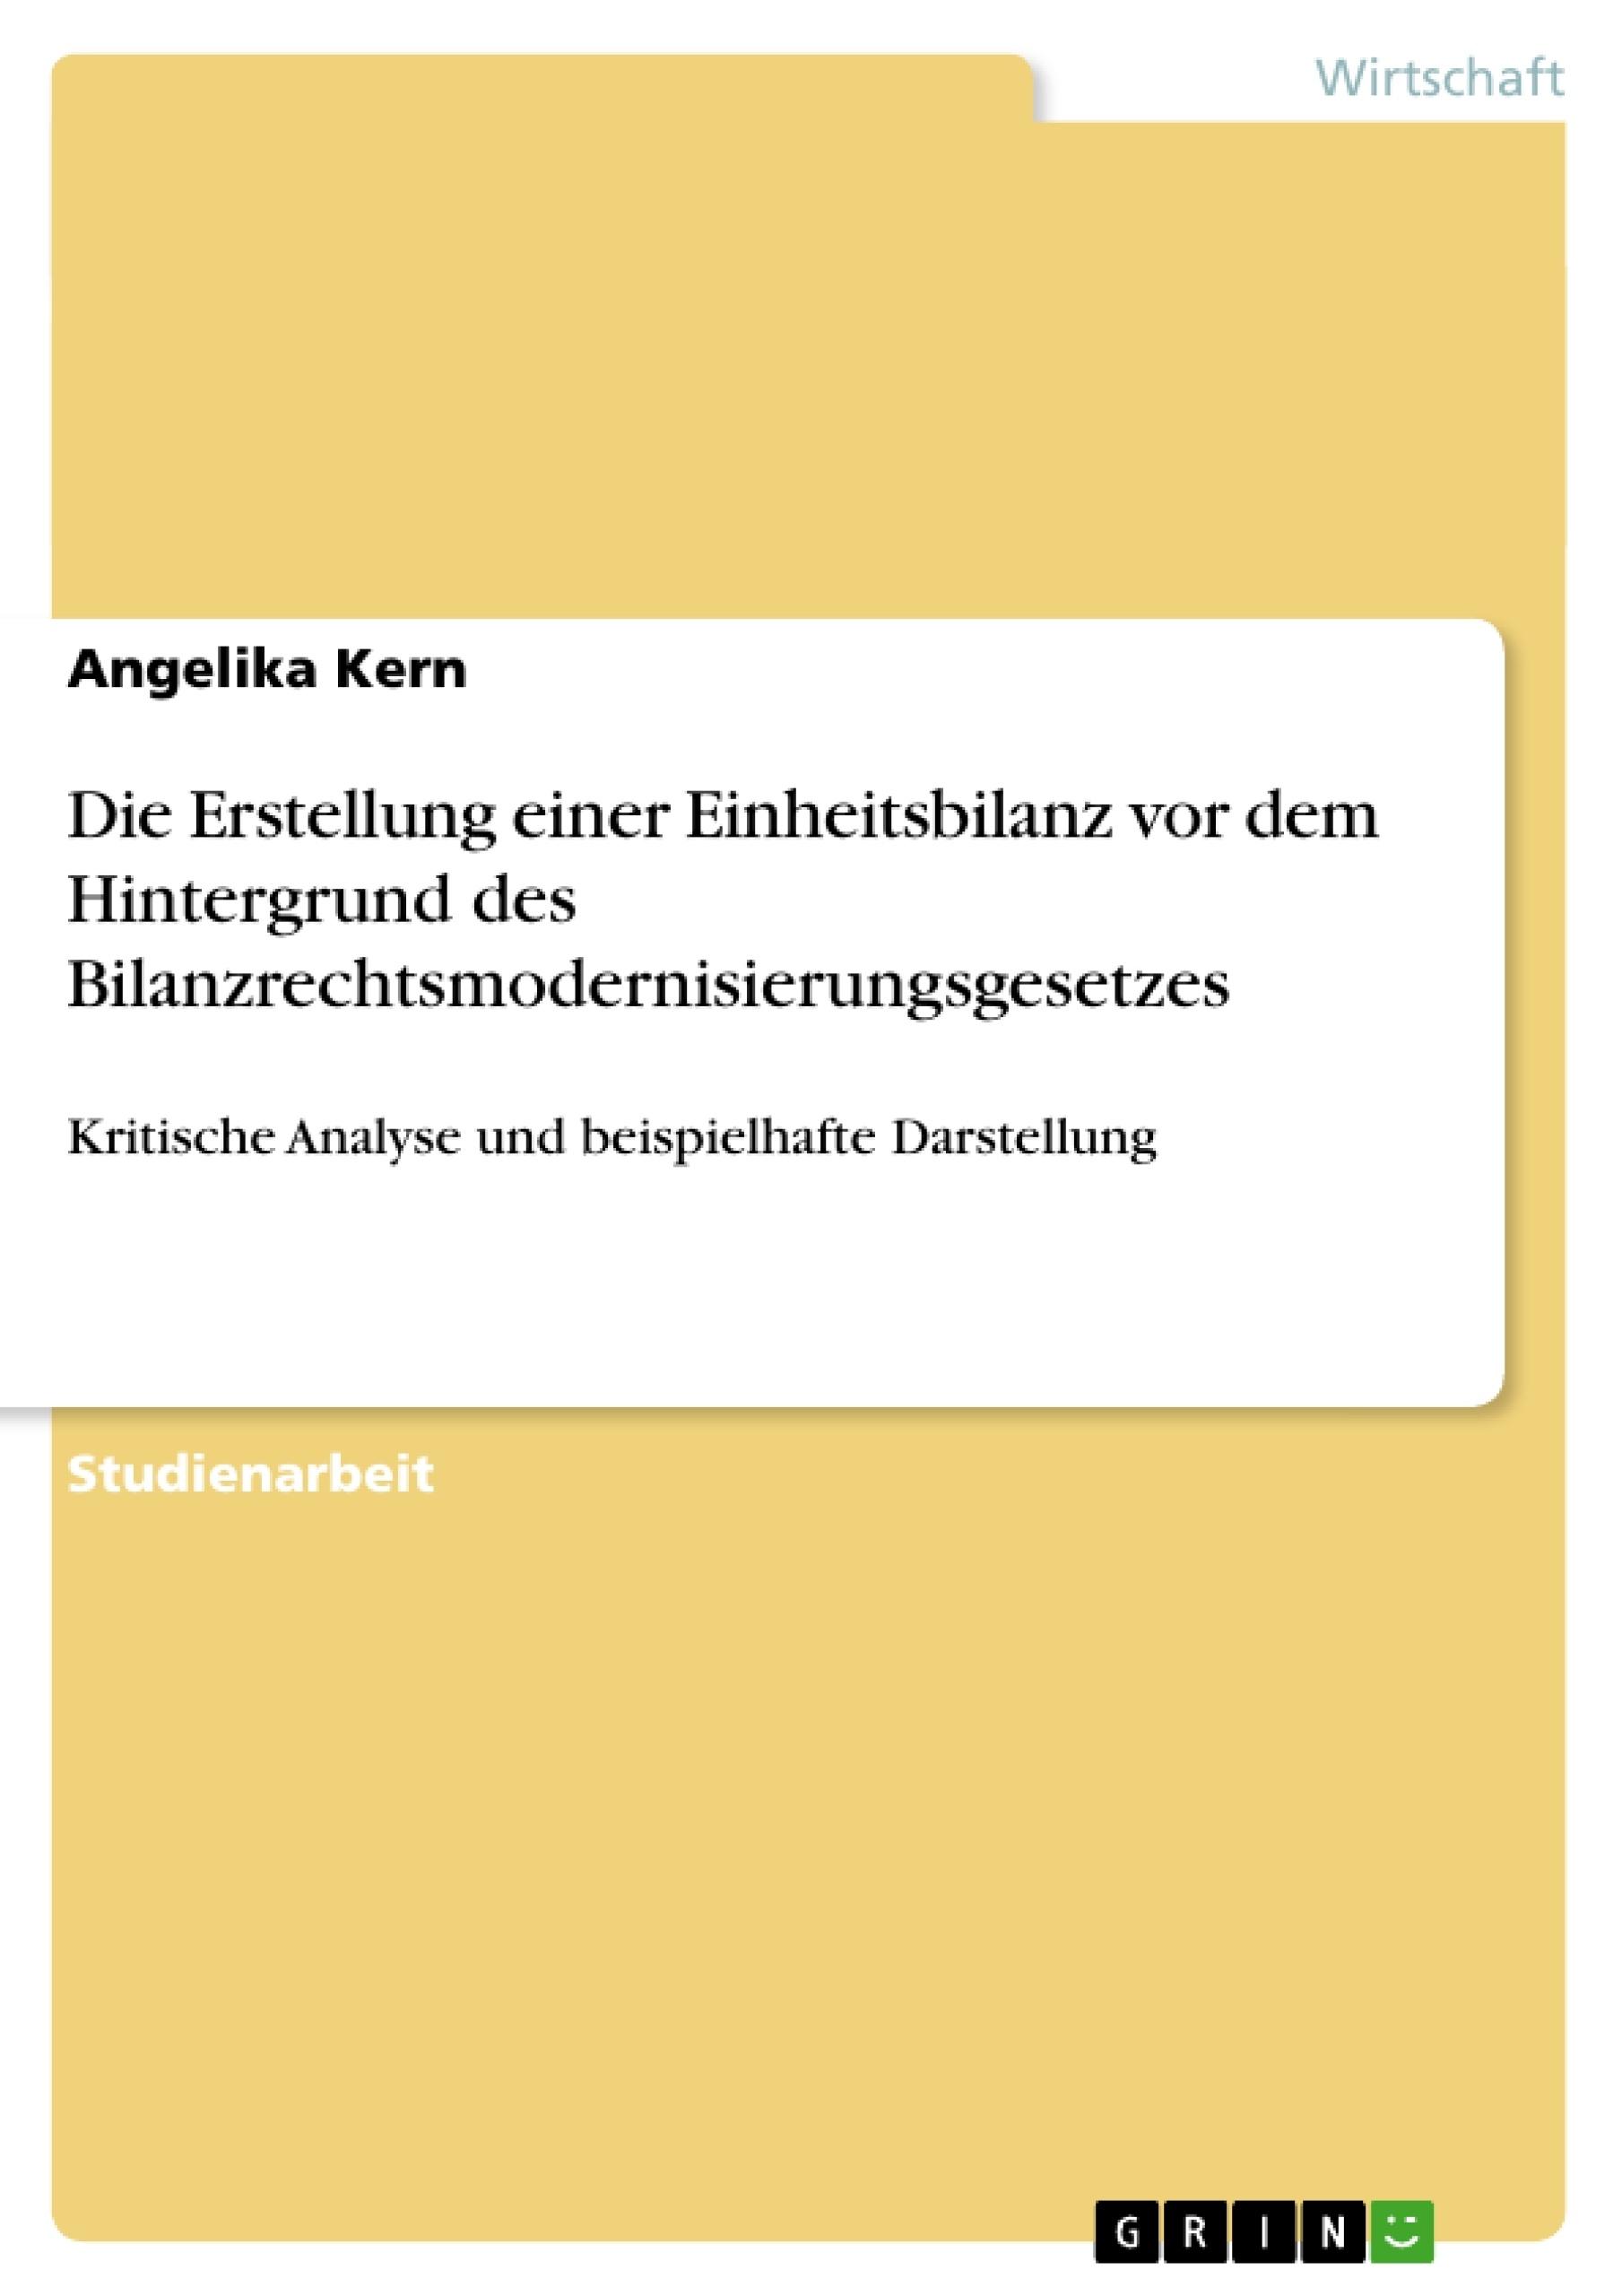 Titel: Die Erstellung einer Einheitsbilanz vor dem Hintergrund des Bilanzrechtsmodernisierungsgesetzes